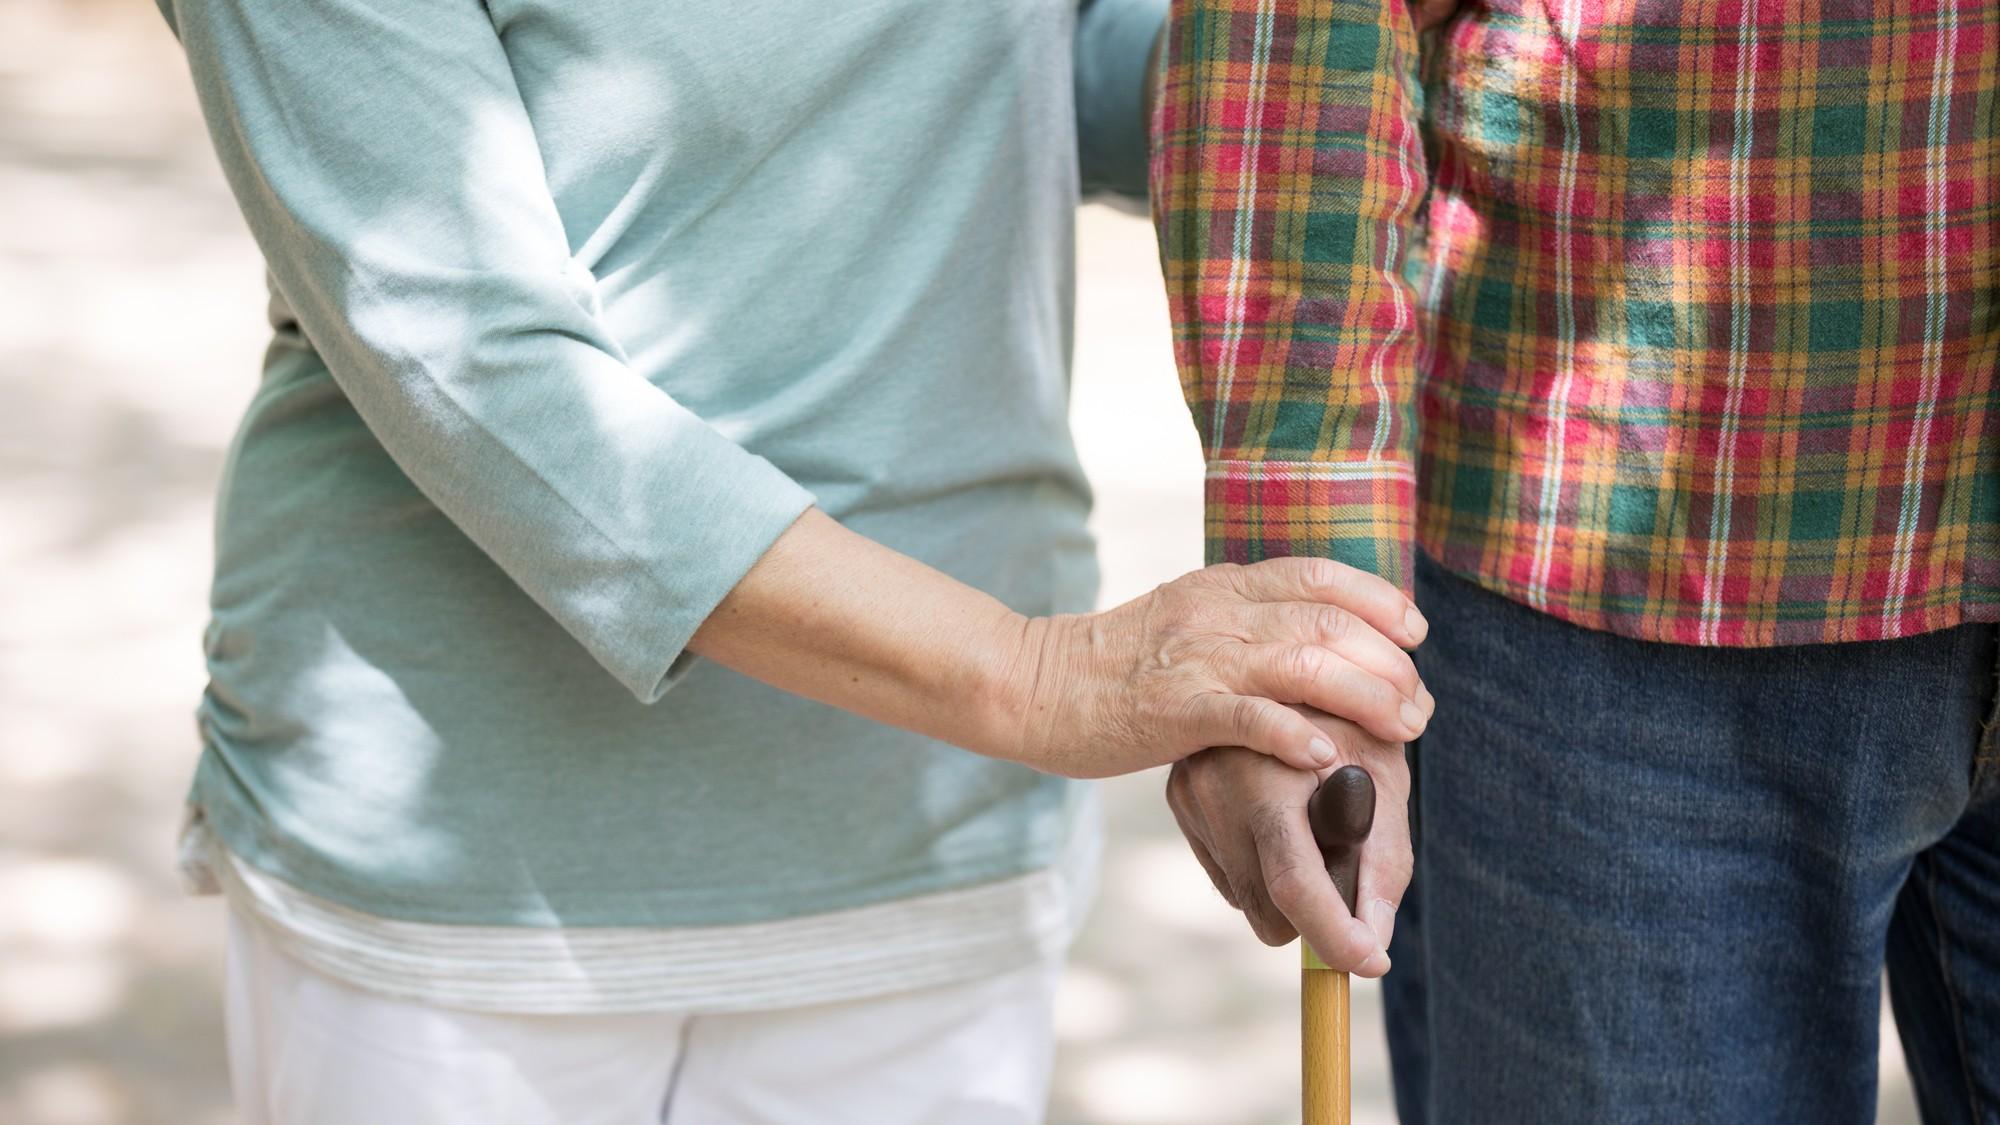 長男の嫁、泣き崩れる…「夫の死よりも義父の介護」に疲労困憊